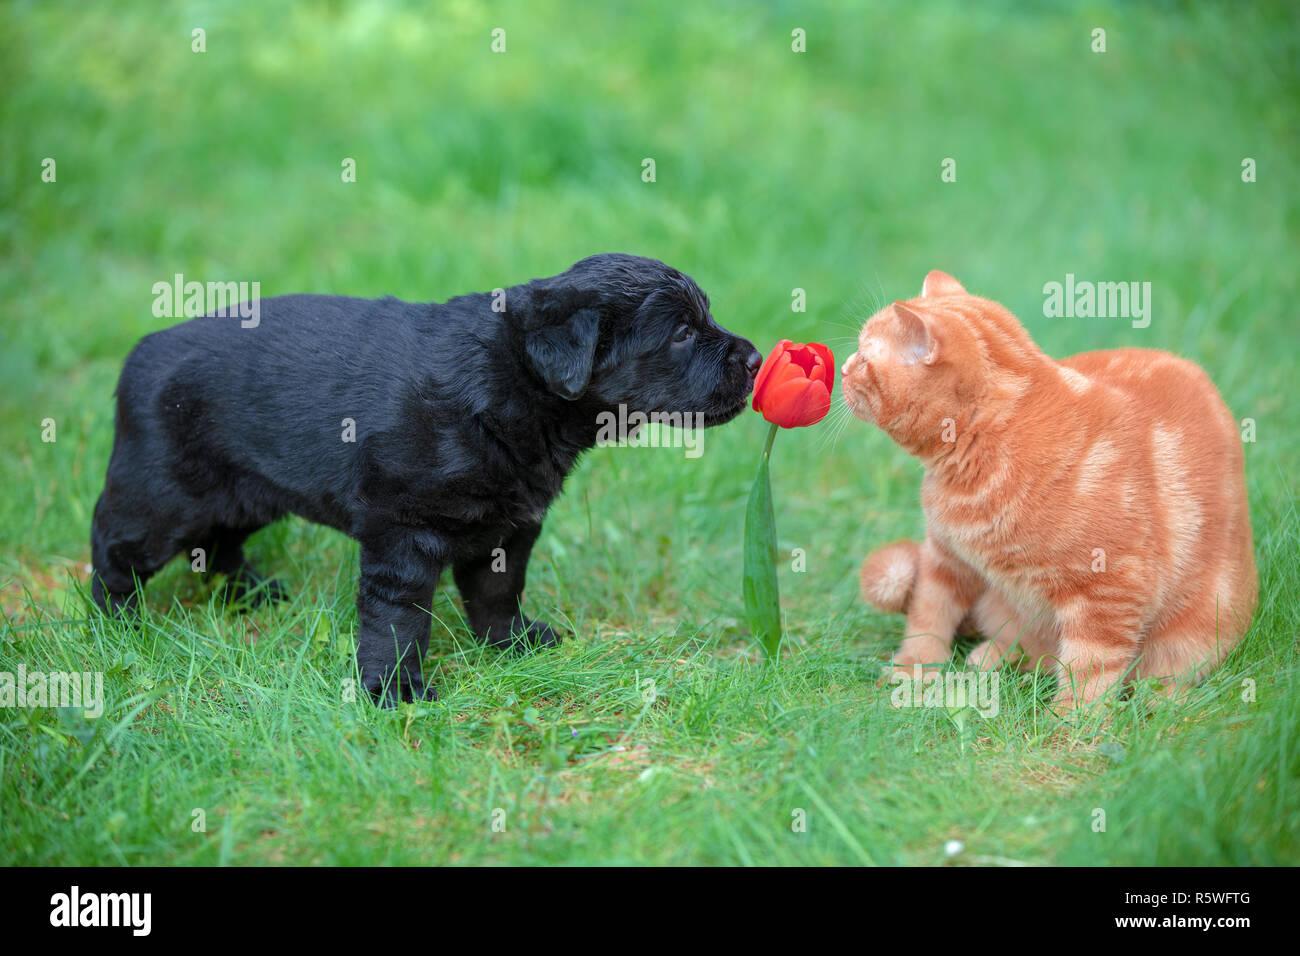 Ein Schmutziger Hund Ist Ein Glucklicher Hund Gluckliche